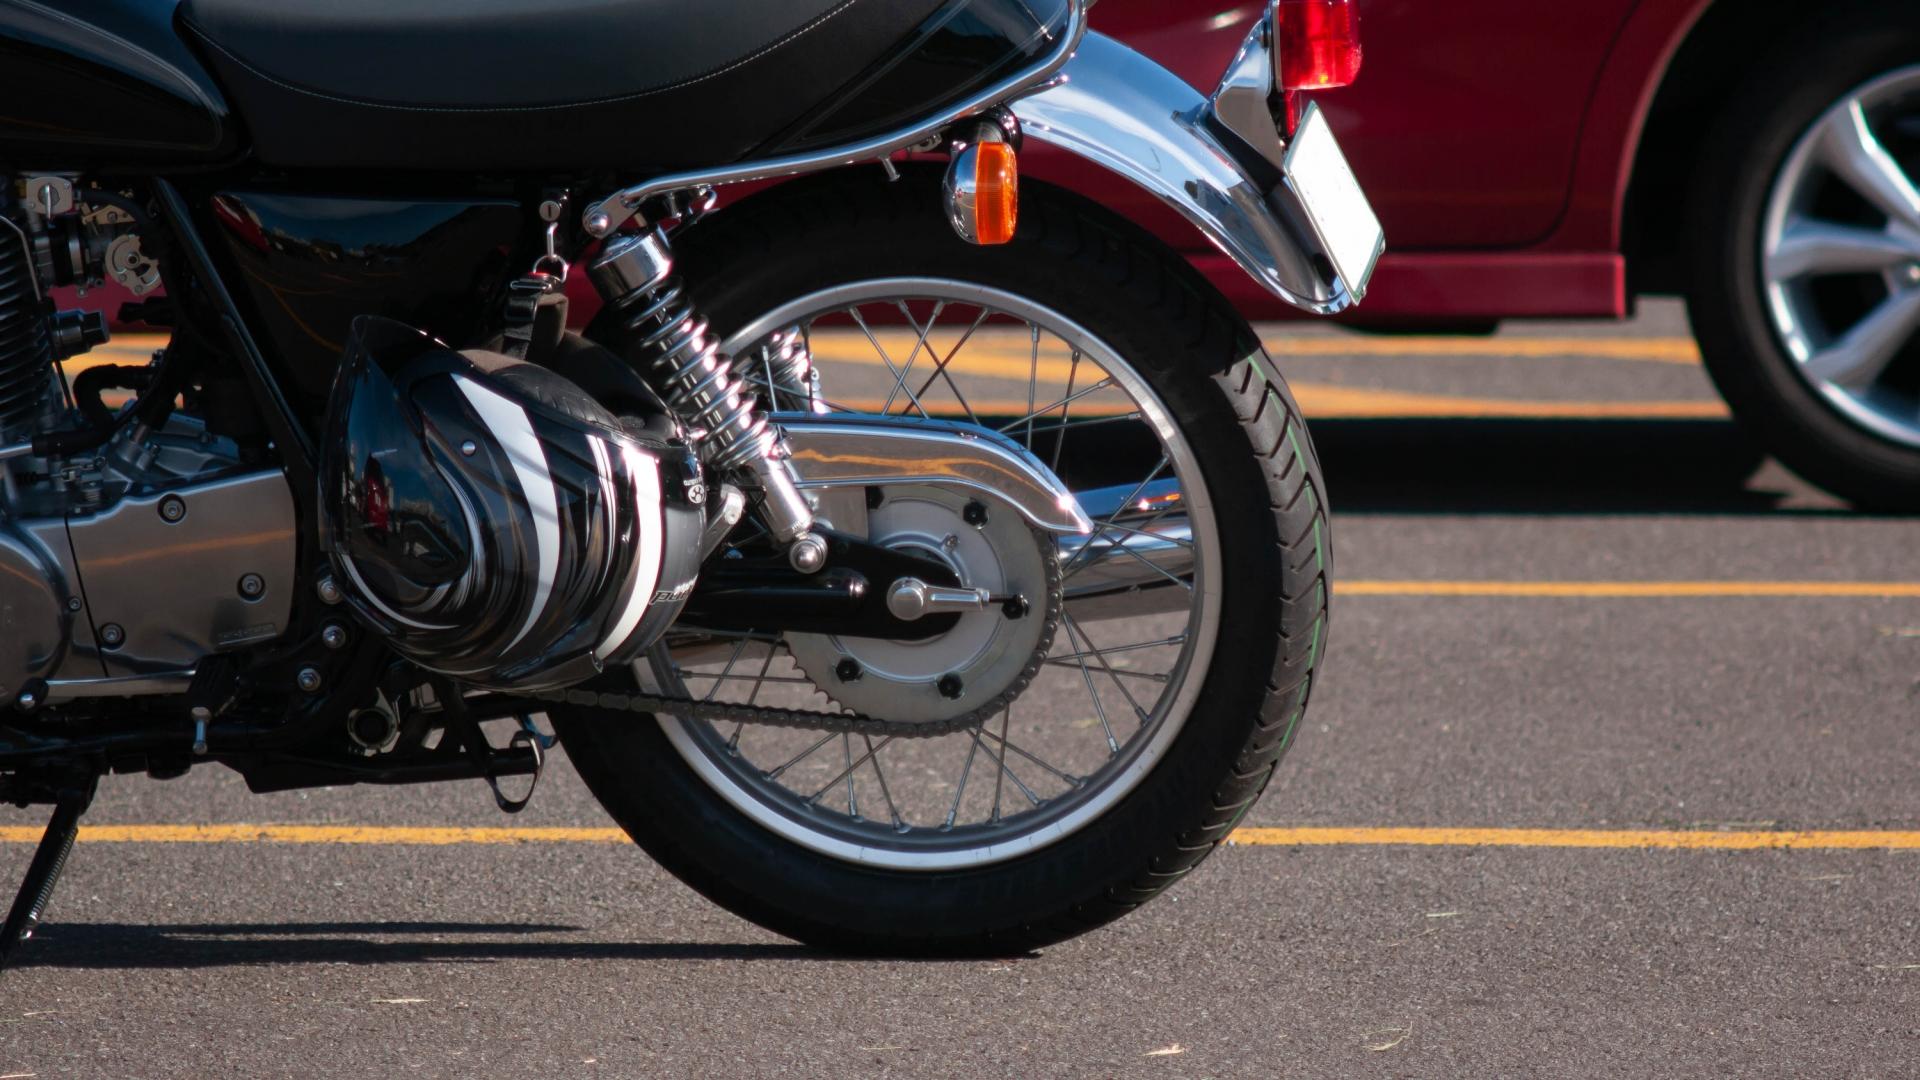 千葉県でおすすめのバイク買取業者5選!買取店の選び方も紹介